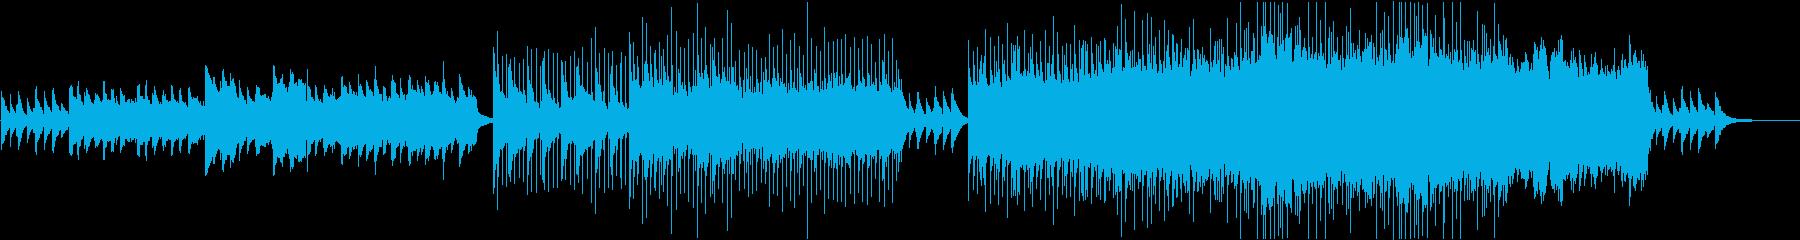 次のステージに進むような切ない曲の再生済みの波形